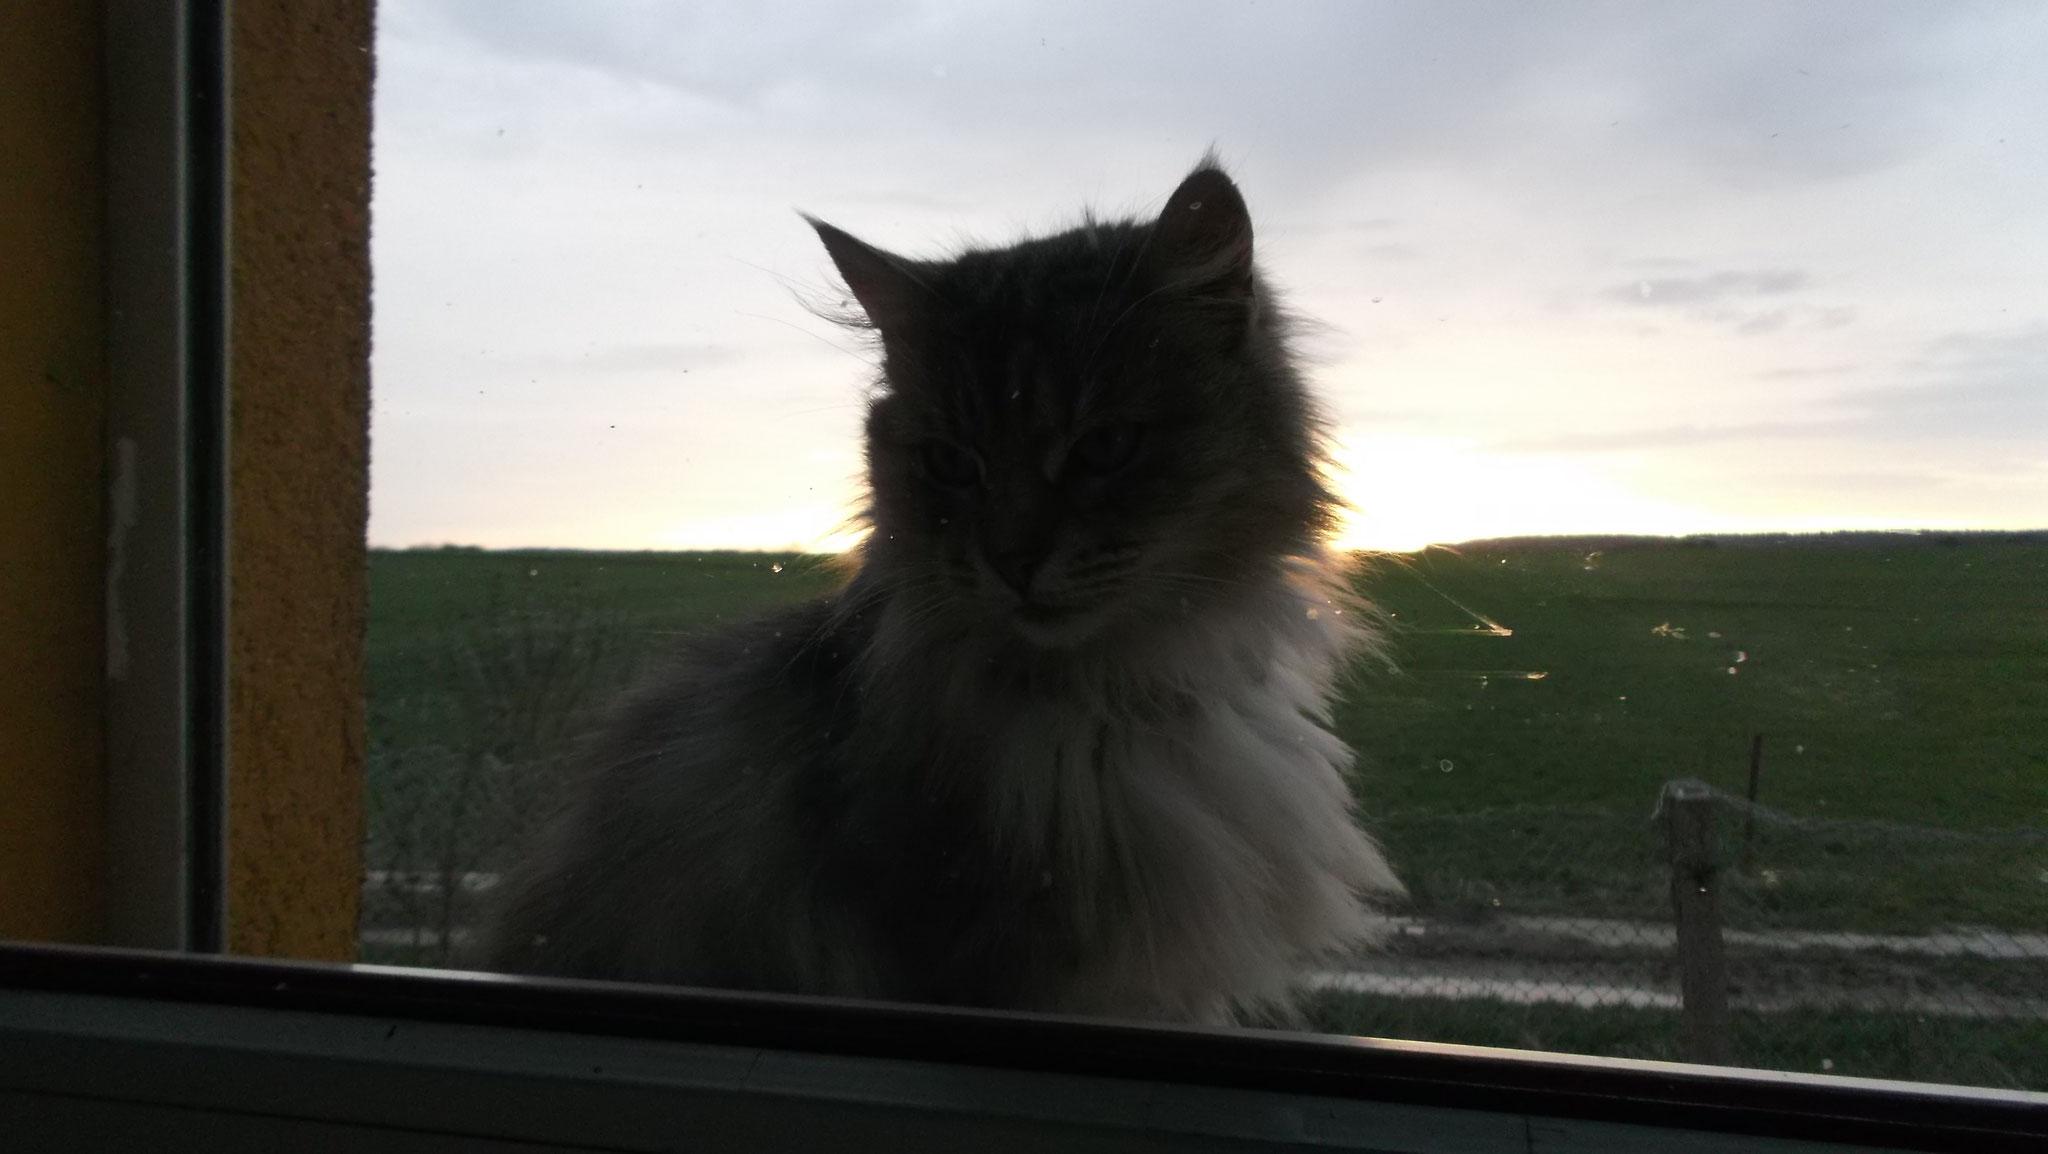 Sie hat mir geholfen - ganz im Stillen- meinen Auftrag hier auf dieser Erde als Katze zu erfüllen